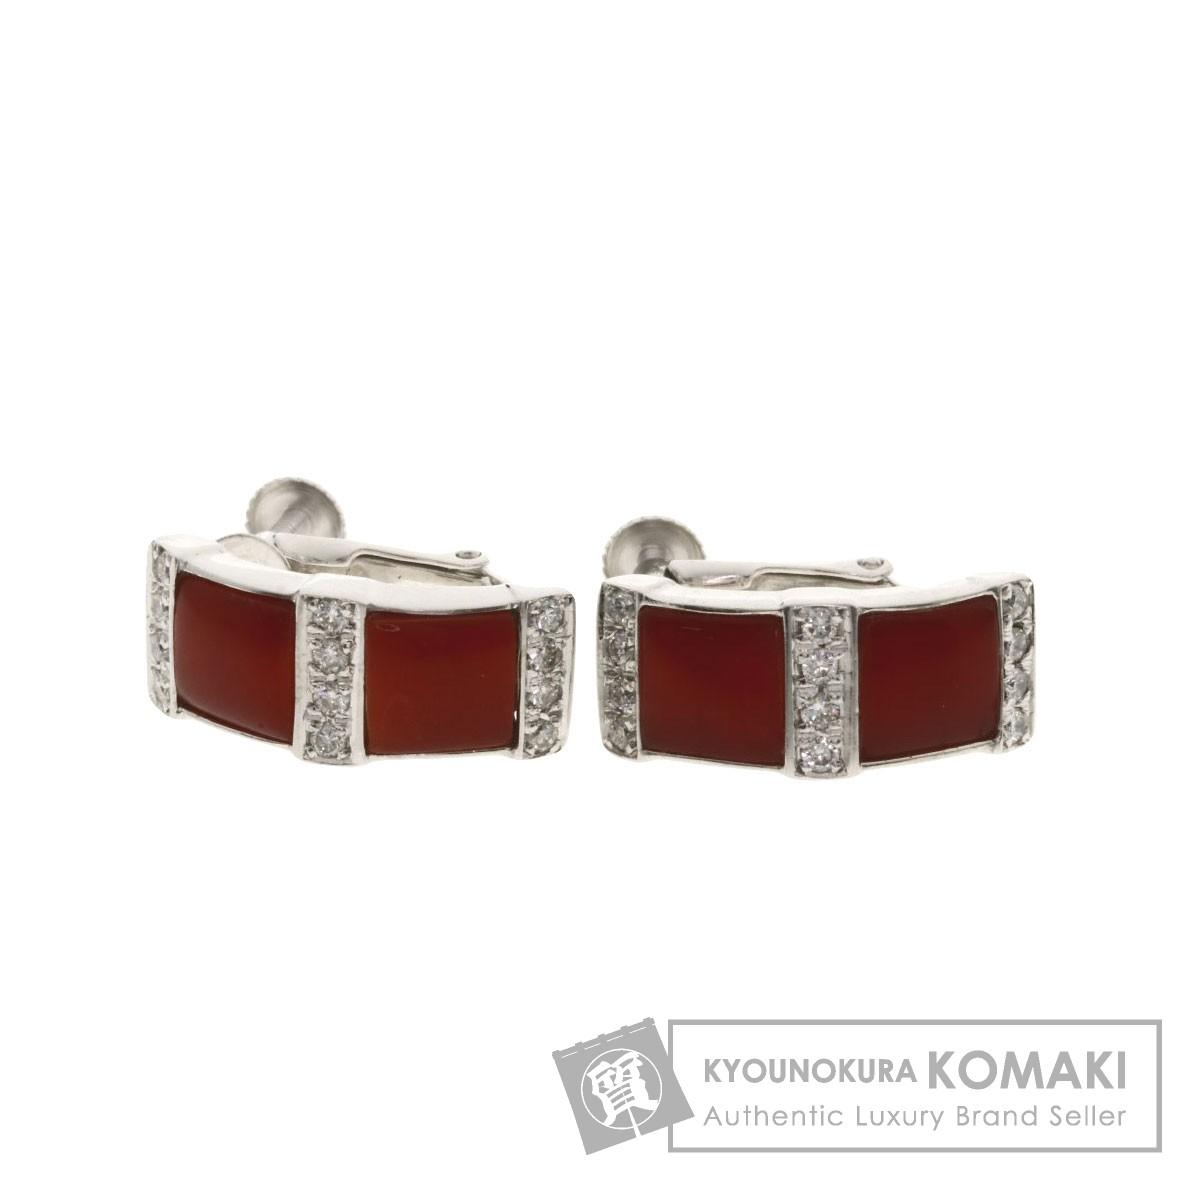 サンゴ 珊瑚 ダイヤモンド イヤリング K18ホワイトゴールド/K14WG 5.6g レディース 【中古】